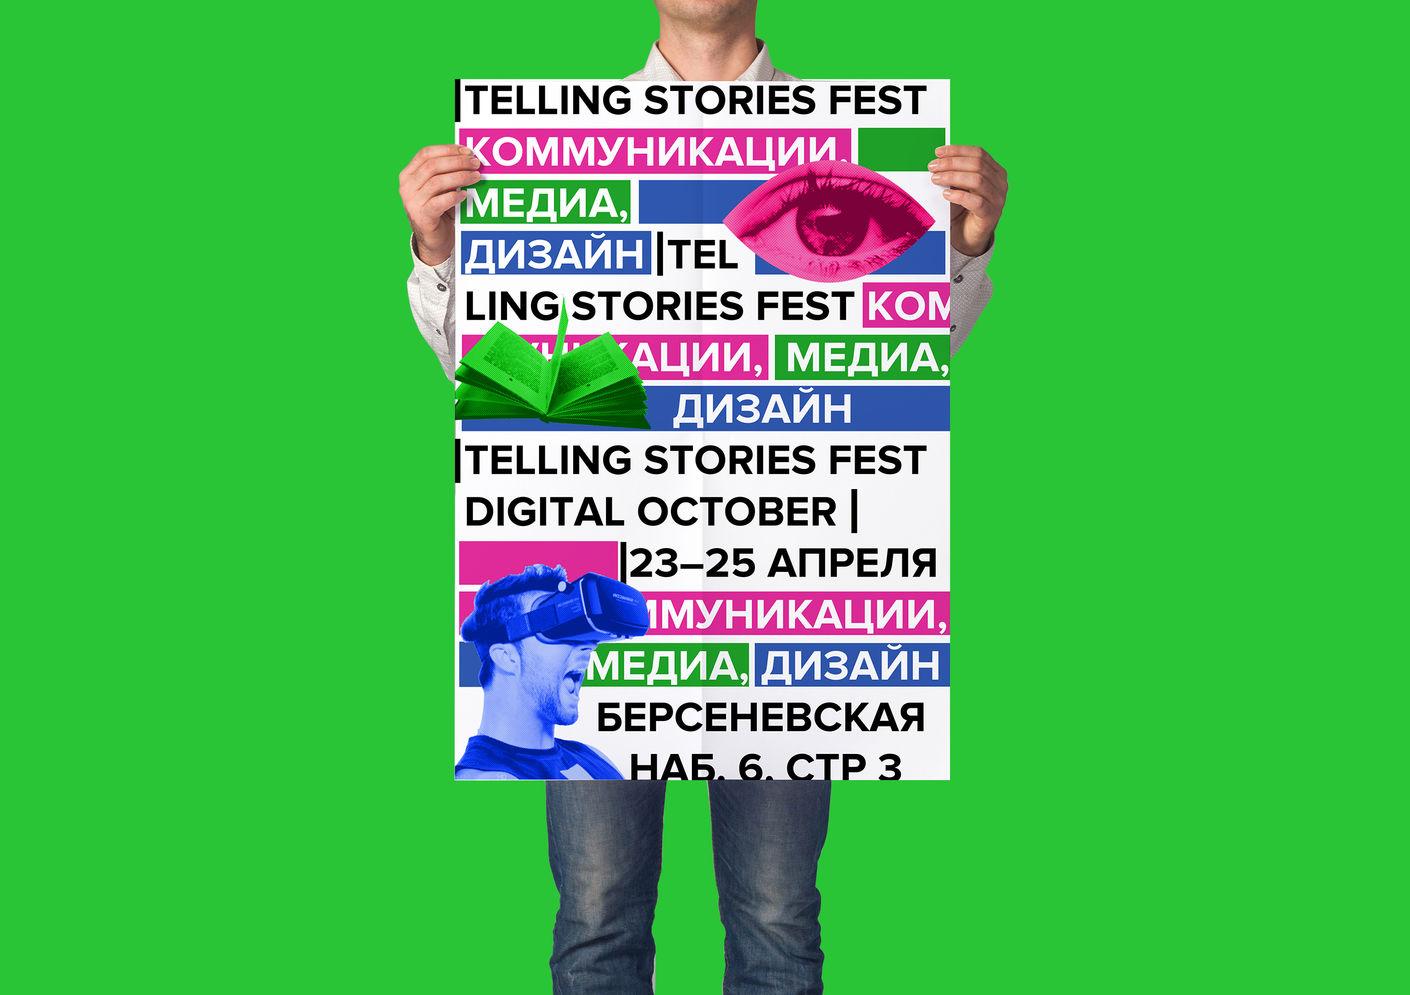 Разработка фирменного стиля для фестиваля Telling Stories hsedesignlab.ru